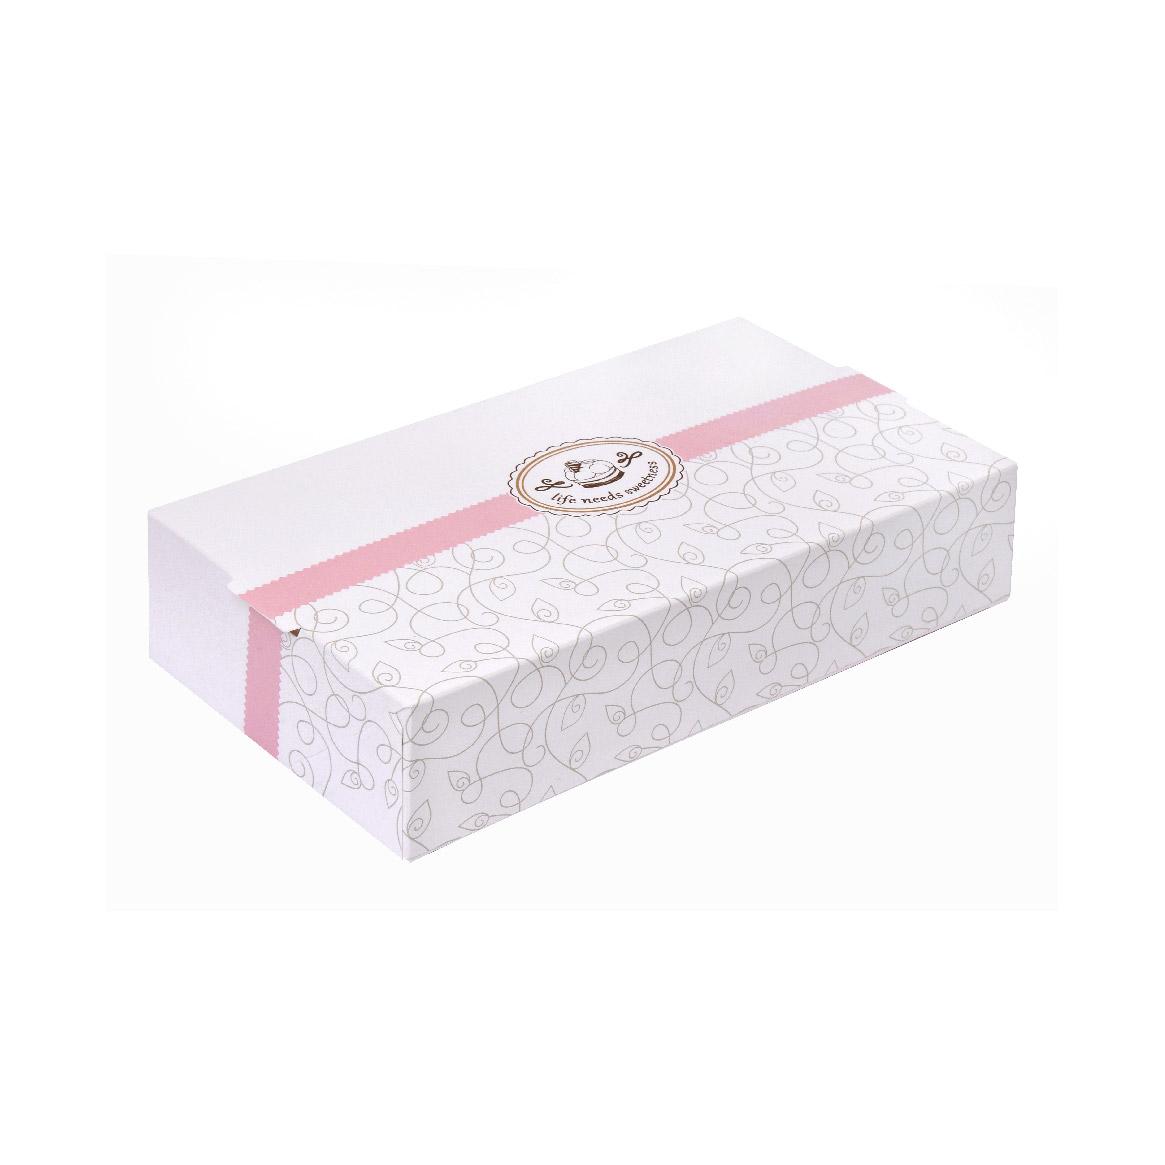 """ΚΟΥΤΙ ΧΑΜΗΛΟ S1 """"CAKE BOX"""" ΜΕ ΕΥΚΟΛΟ ΑΝΟΙΓΜΑ 24,5x13x5,5cm (EASY OPEN) 25ΤΕΜ"""